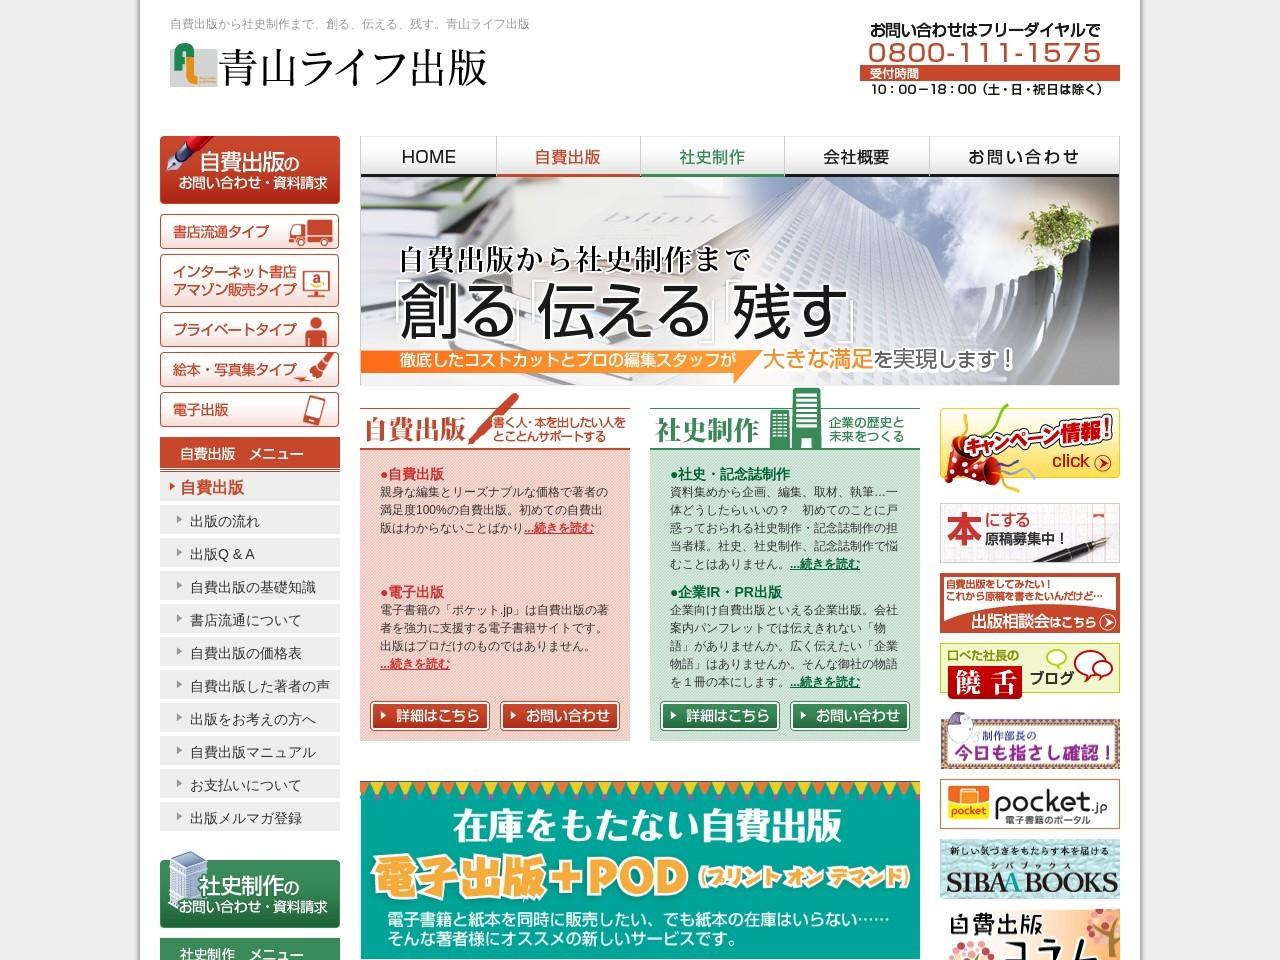 青山ライフ出版株式会社